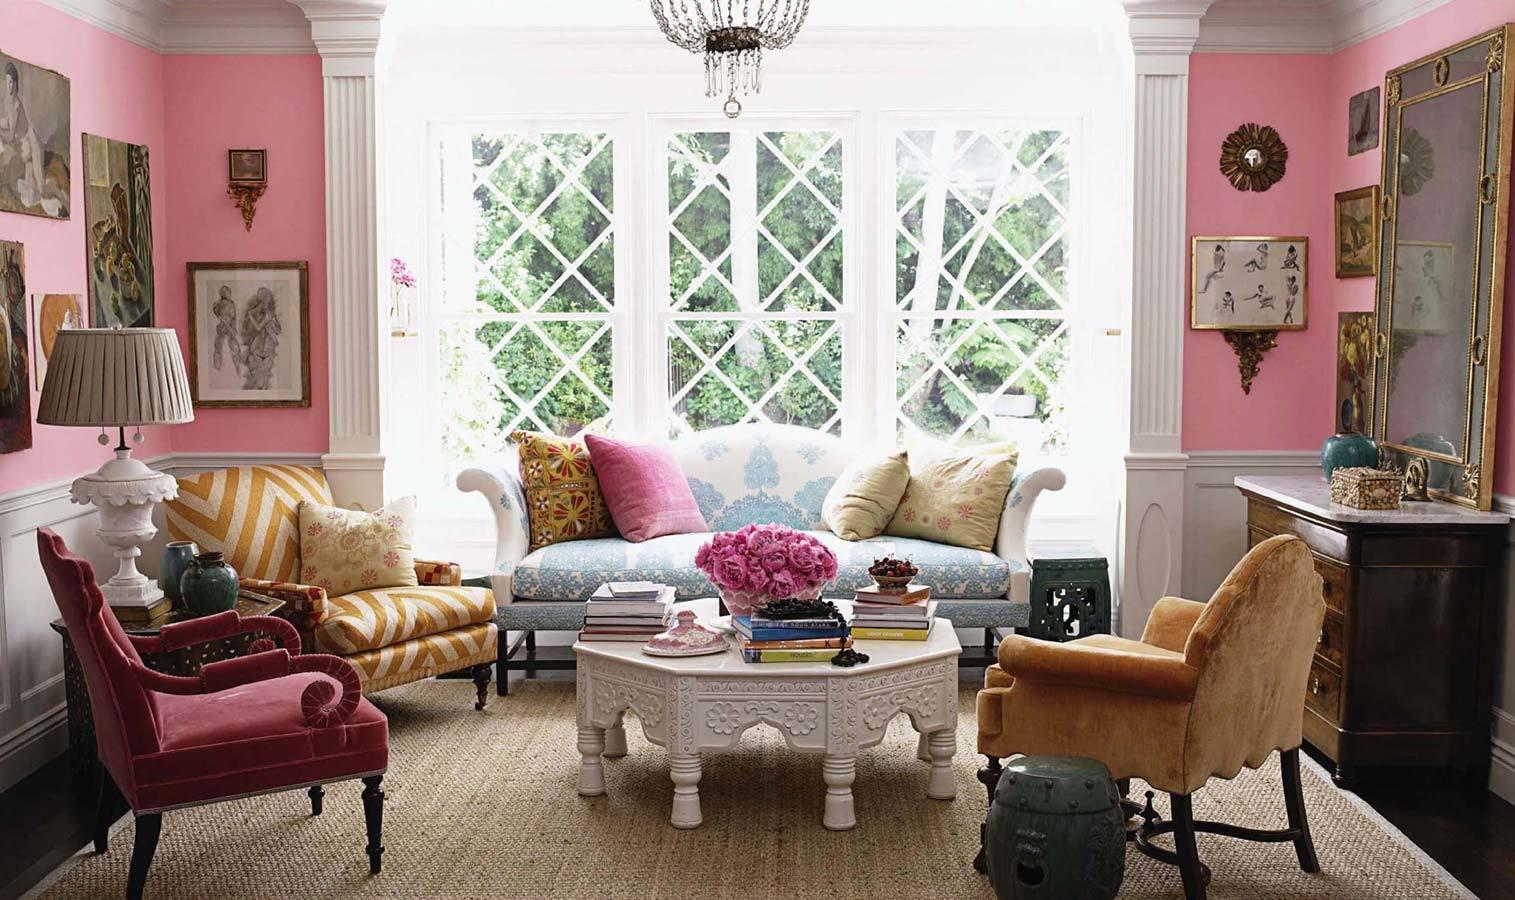 Мебель разных стилей объединяет декор в цвет стен